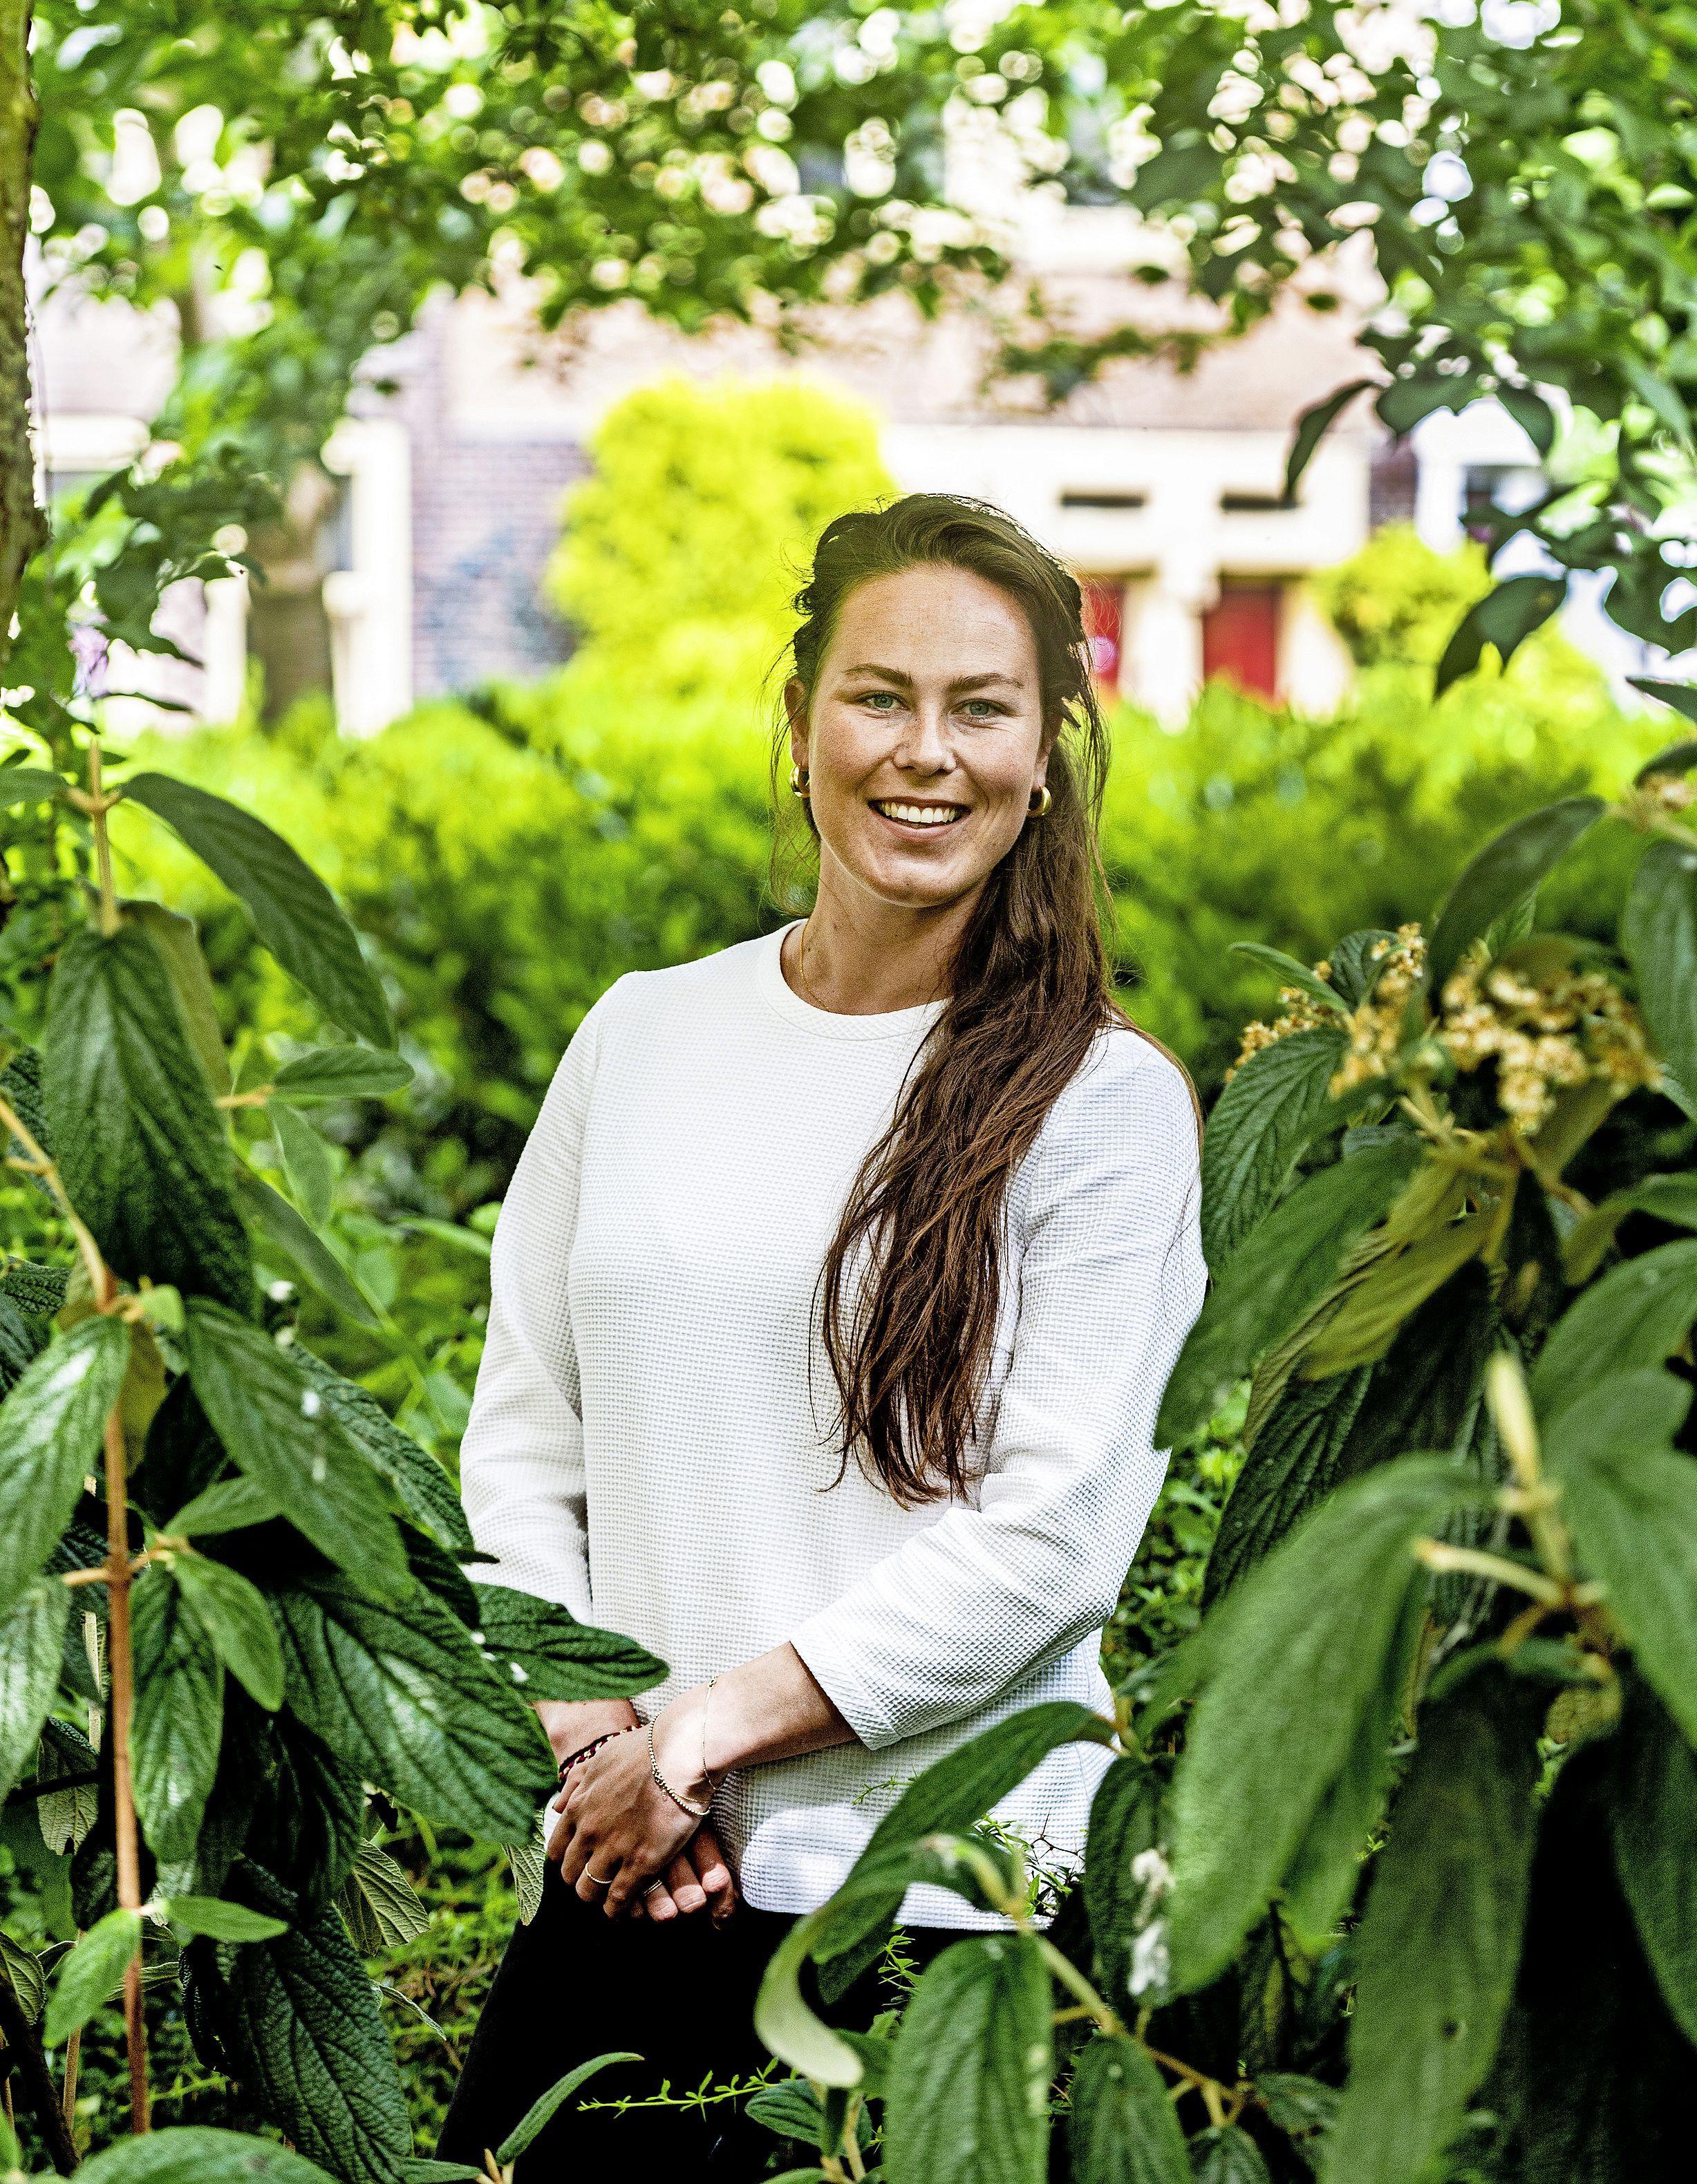 Aanvoerster Louise Eijsvogel is na acht seizoenen in dames 1 afgezwaaid bij Rood-Wit dames 1 maar komt zeker nog terug bij de hockeyclub uit Aerdenhout